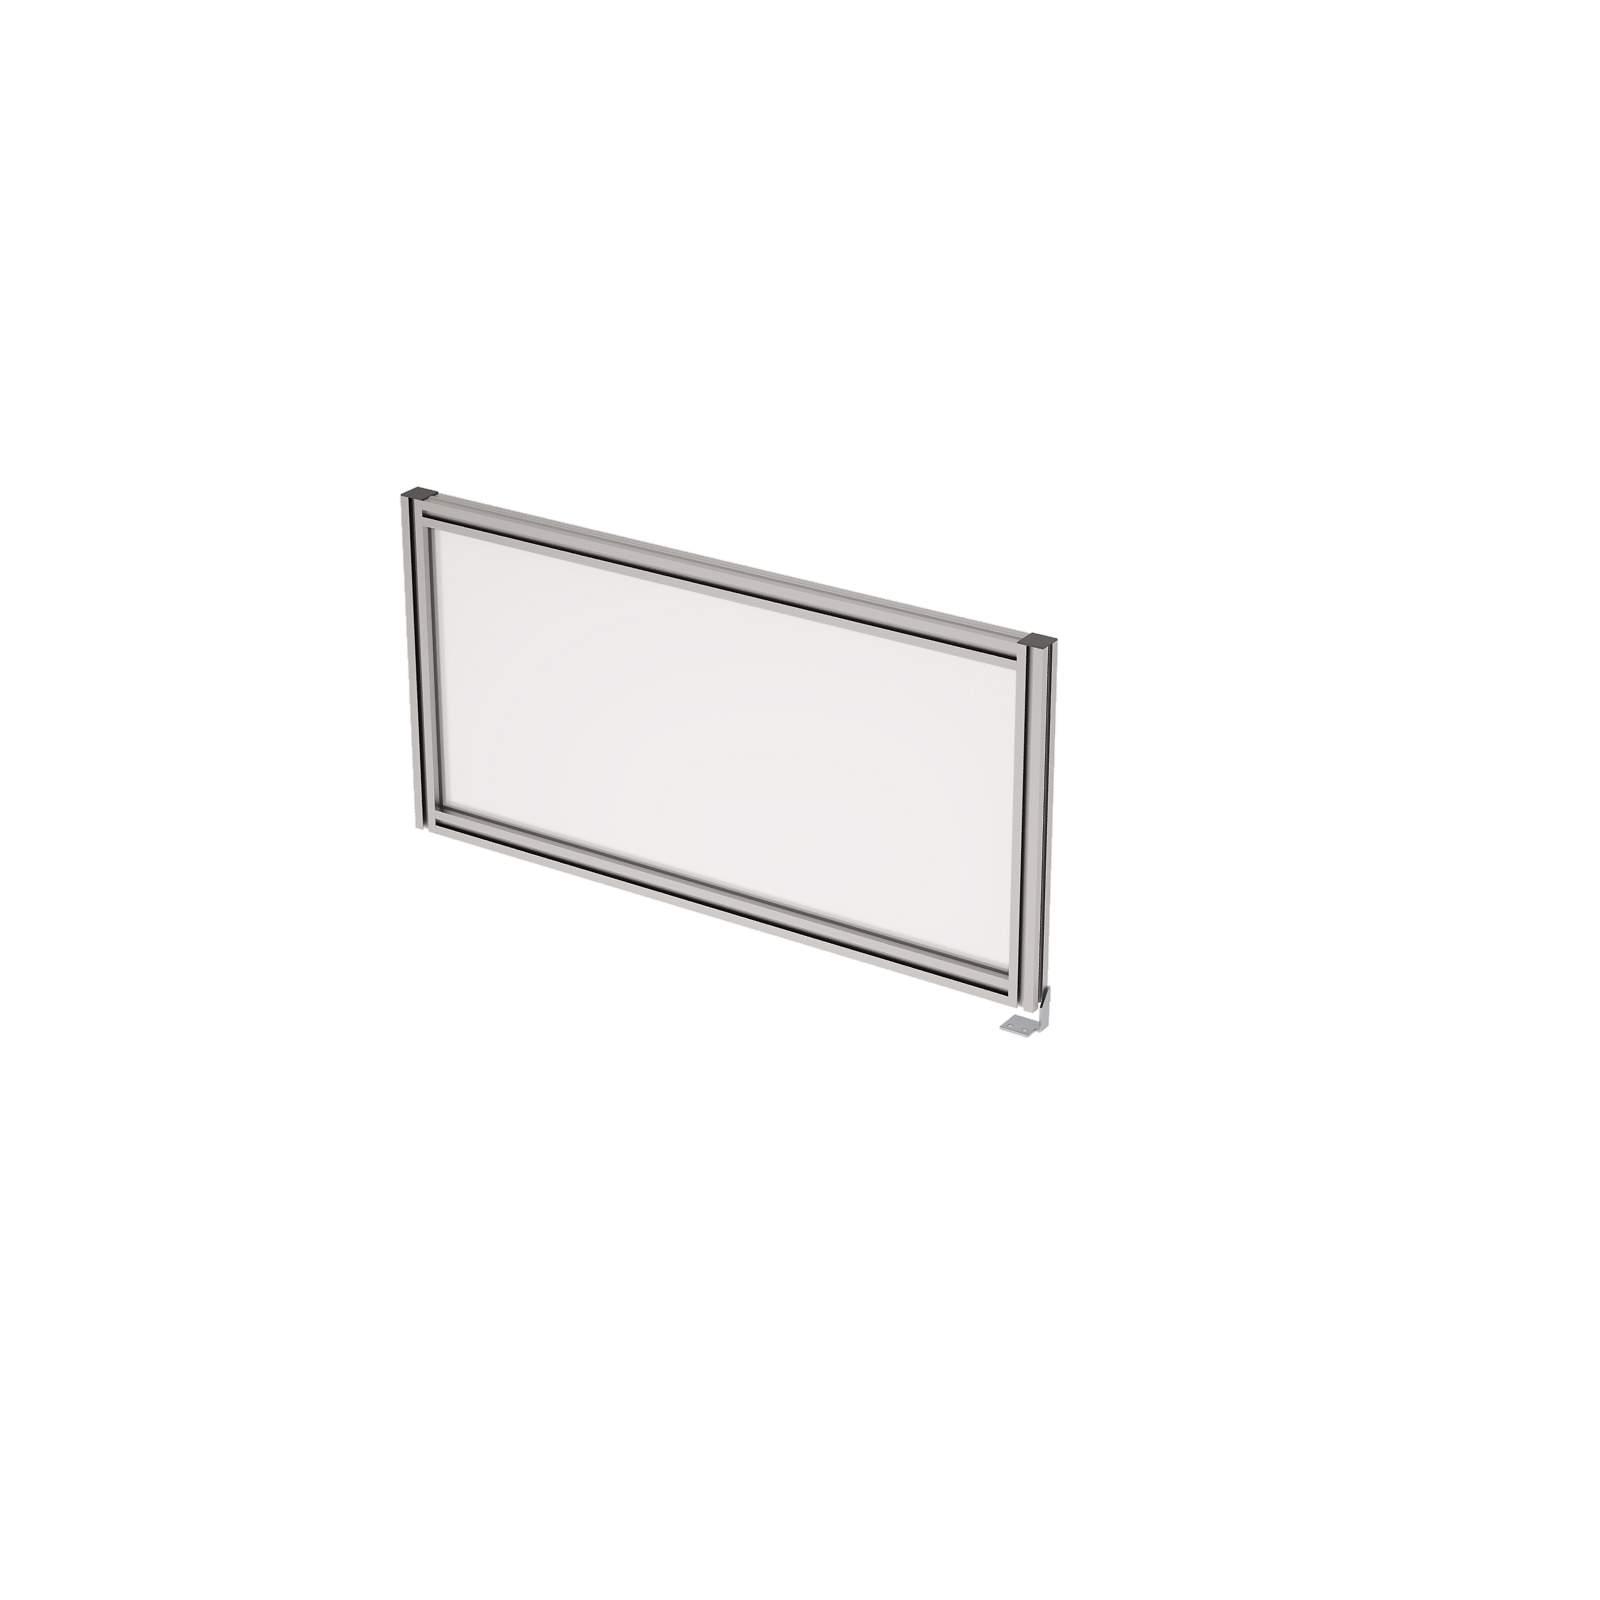 Барьер боковой в алюминиевом профиле, вставка стекло матовое 800х400х29